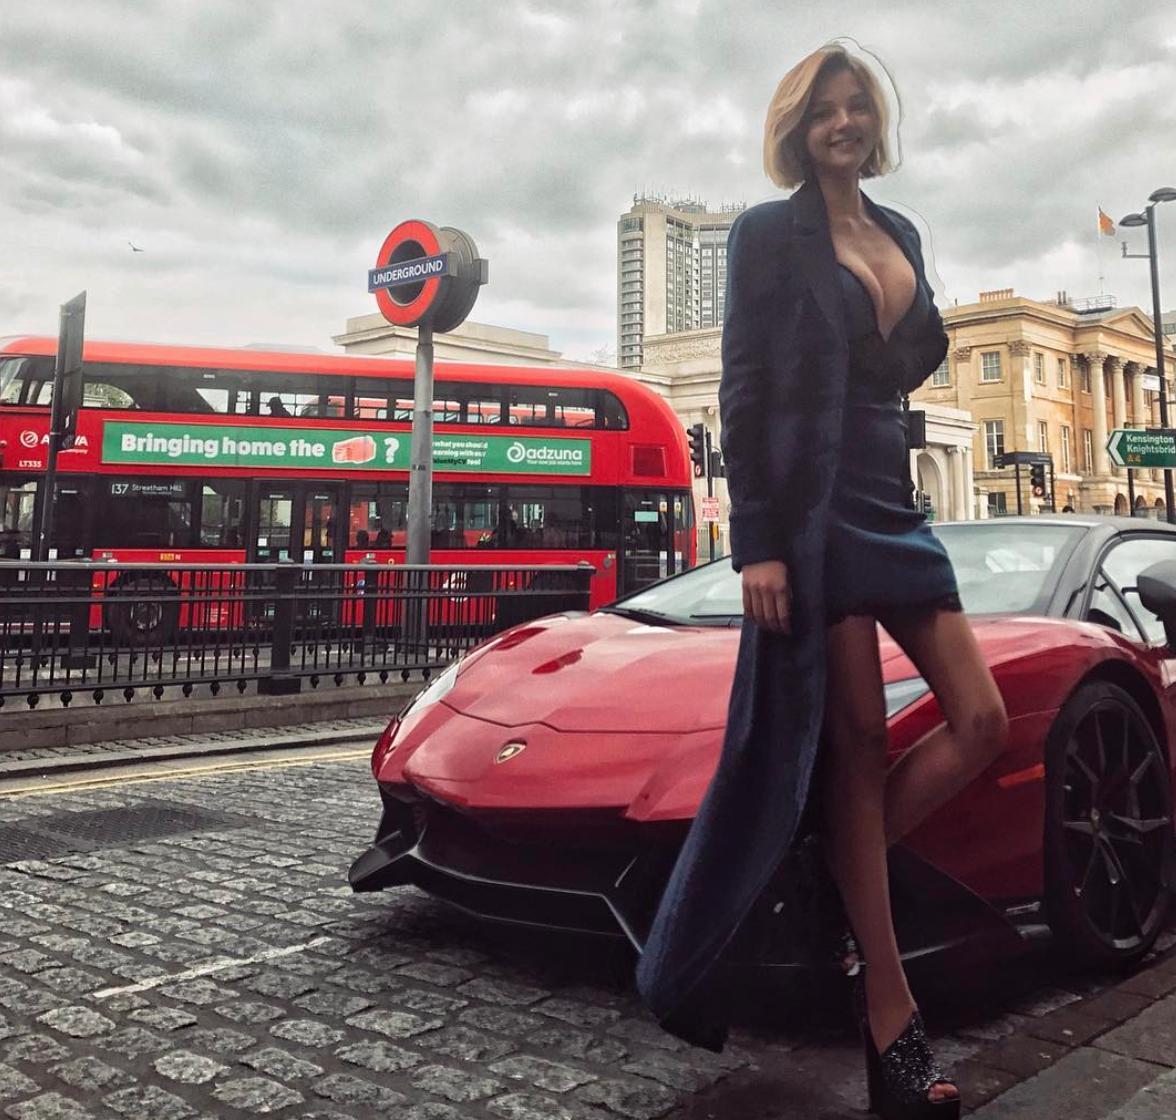 Дочь теннисиста Кафельникова сразила Инстаграм собственной грудью иоткровенным нарядом